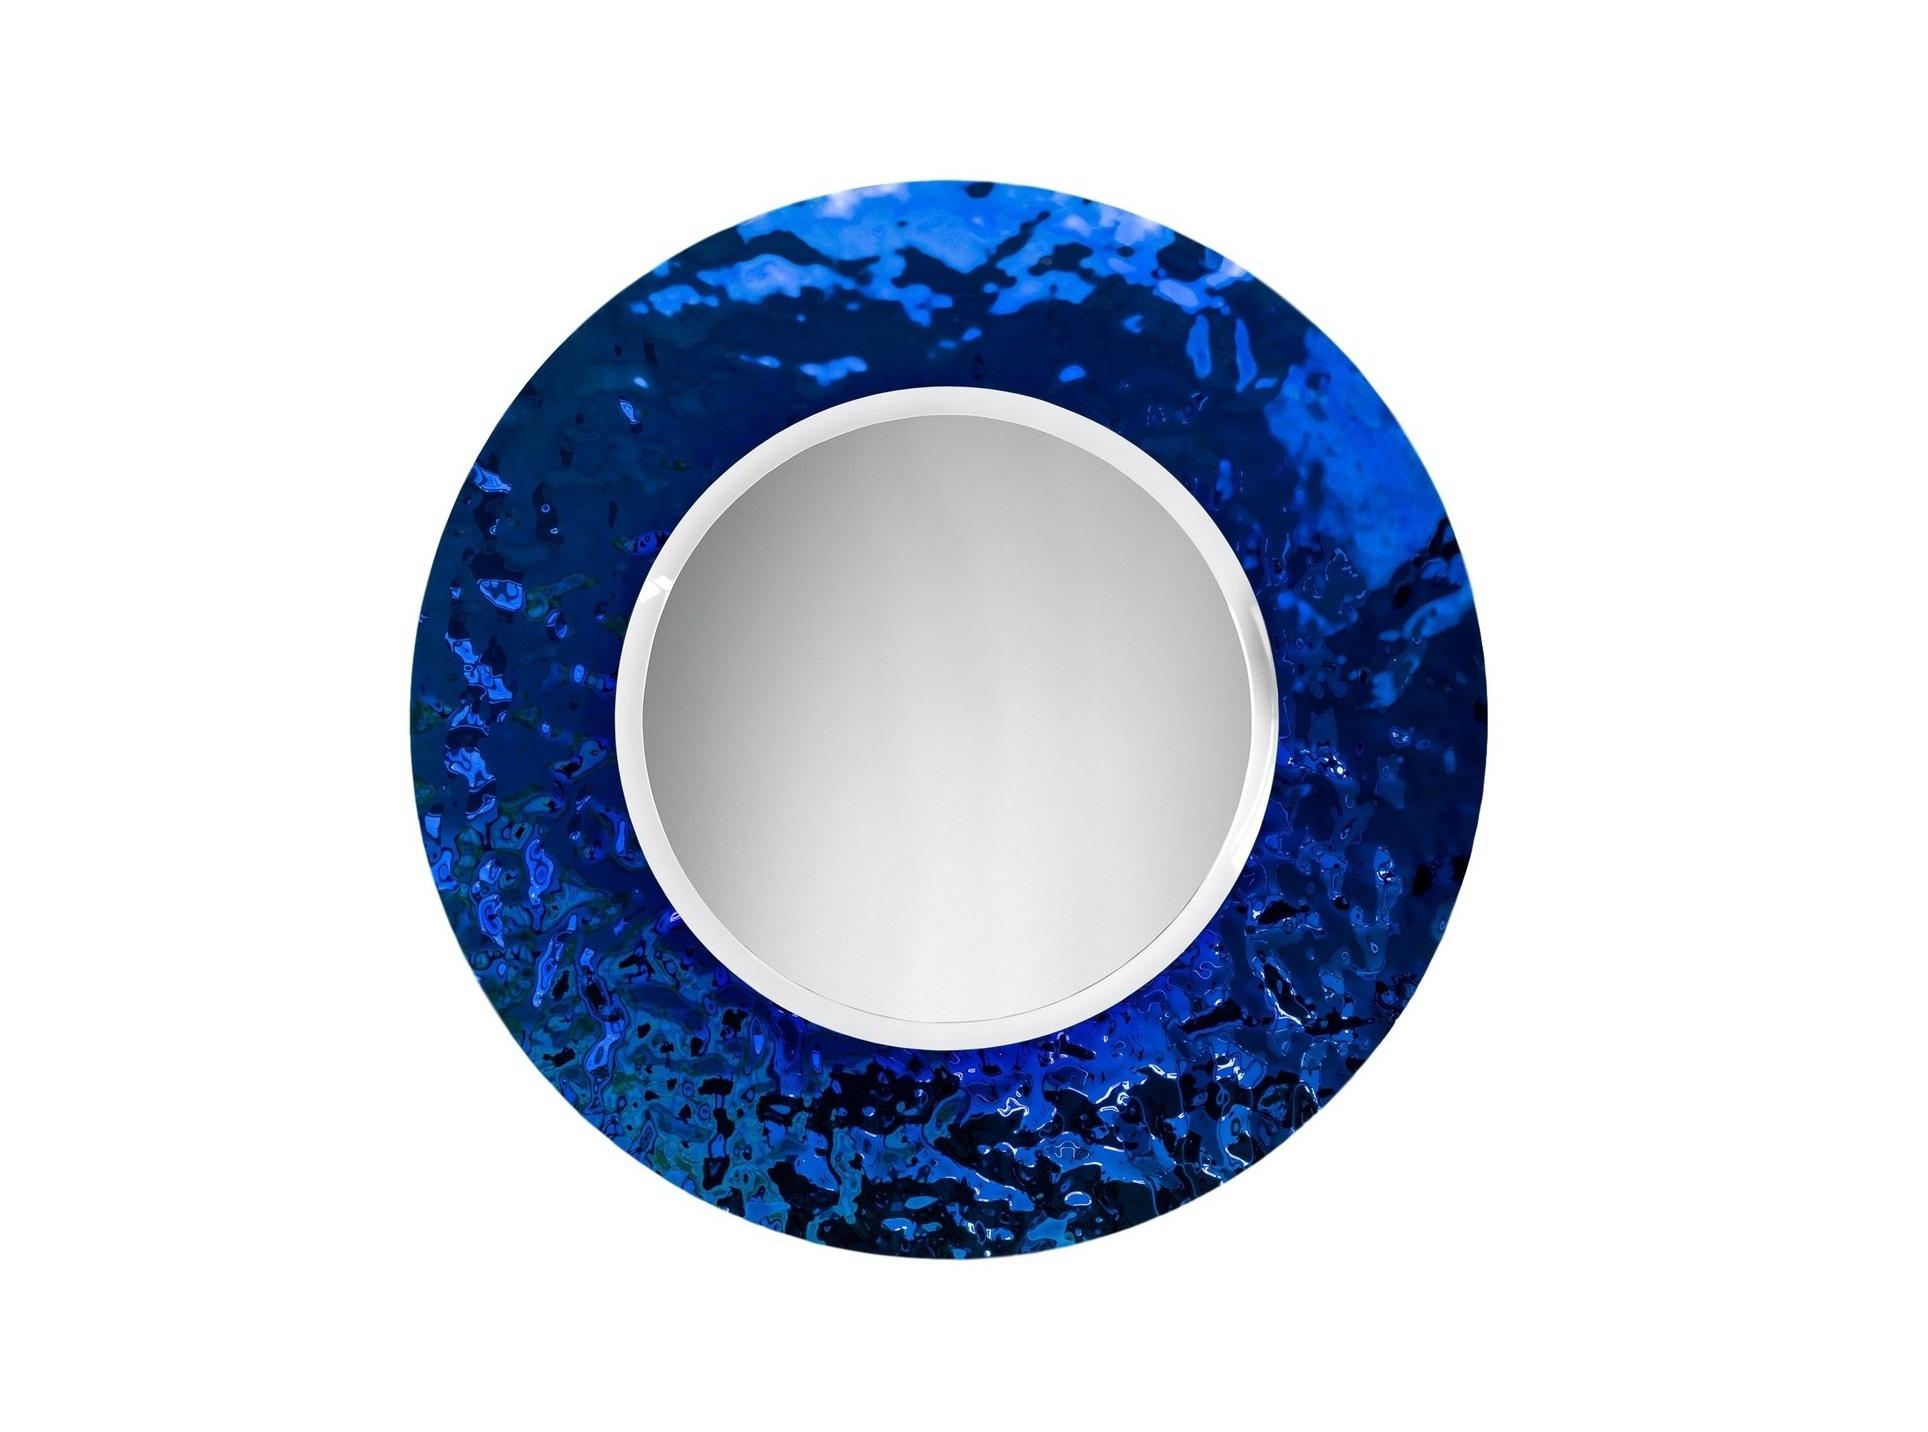 Зеркало Круг IndigoНастенные зеркала<br>Зеркало уже не может быть просто зеркалом, если его обрамлением является авторская работа братьев Фомичевых. Такое круглое зеркало в необычной рамке, способно украсить даже самый тусклый интерьер. Это полноценный арт-объект. Внушительные размеры, безупречный блеск стекла — в таком зеркале смотреть на свое отражение сплошное удовольствие.    Обрамление зеркала выполнено в ярко-синем цвете .  Зеркало в собранном виде и в комплекте есть крепления.<br><br>Material: Стекло<br>Высота см: 5